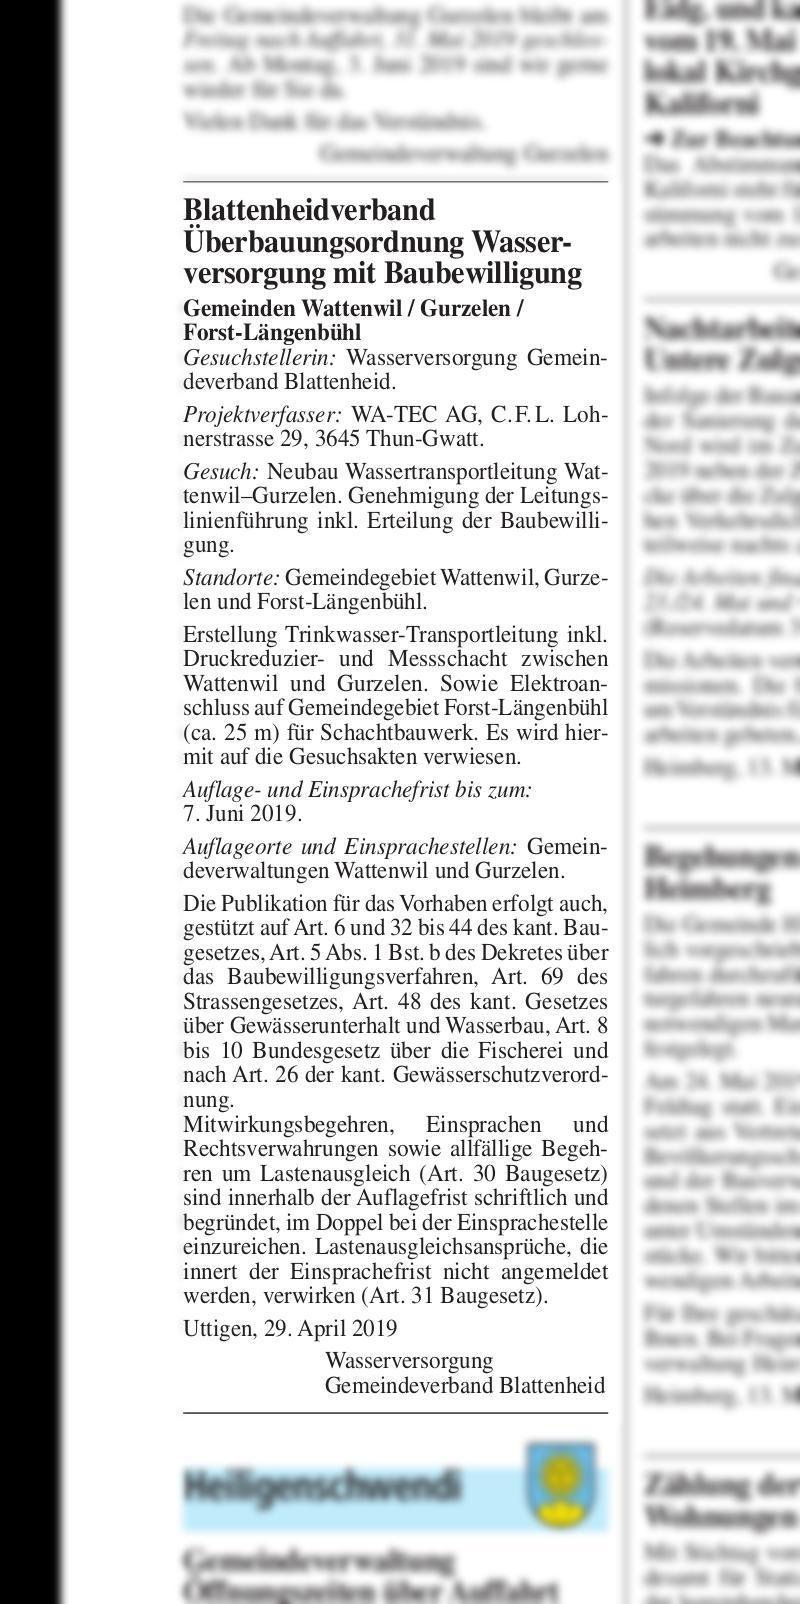 Blattenheidverband Uberbauungsordnung Wasserversorgung Mit Baubewilligung Thuner Amtsanzeiger